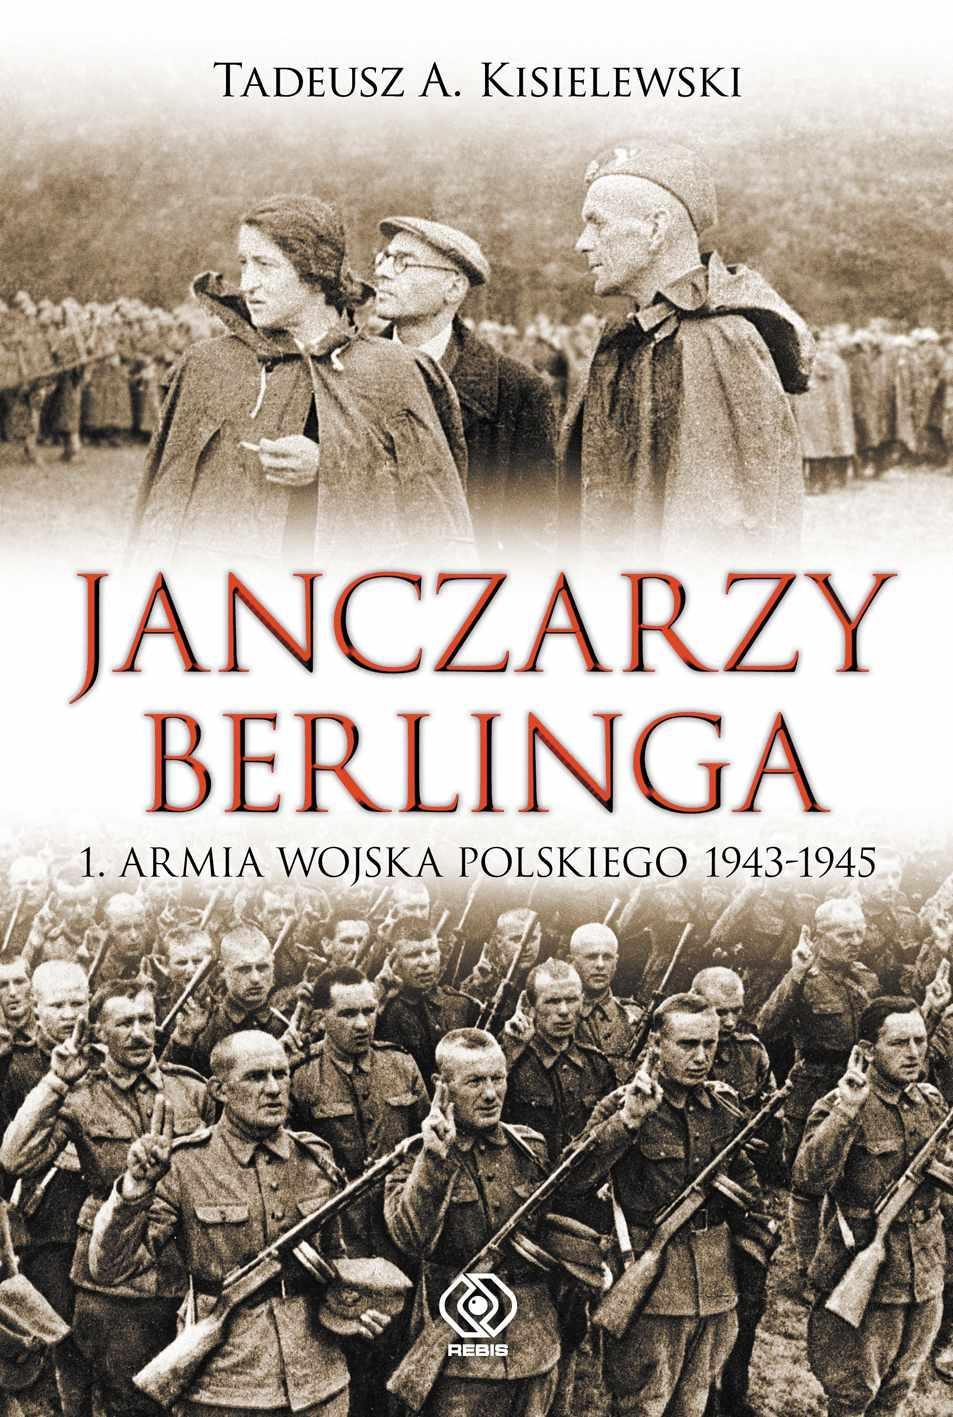 Janczarzy Berlinga - Ebook (Książka na Kindle) do pobrania w formacie MOBI